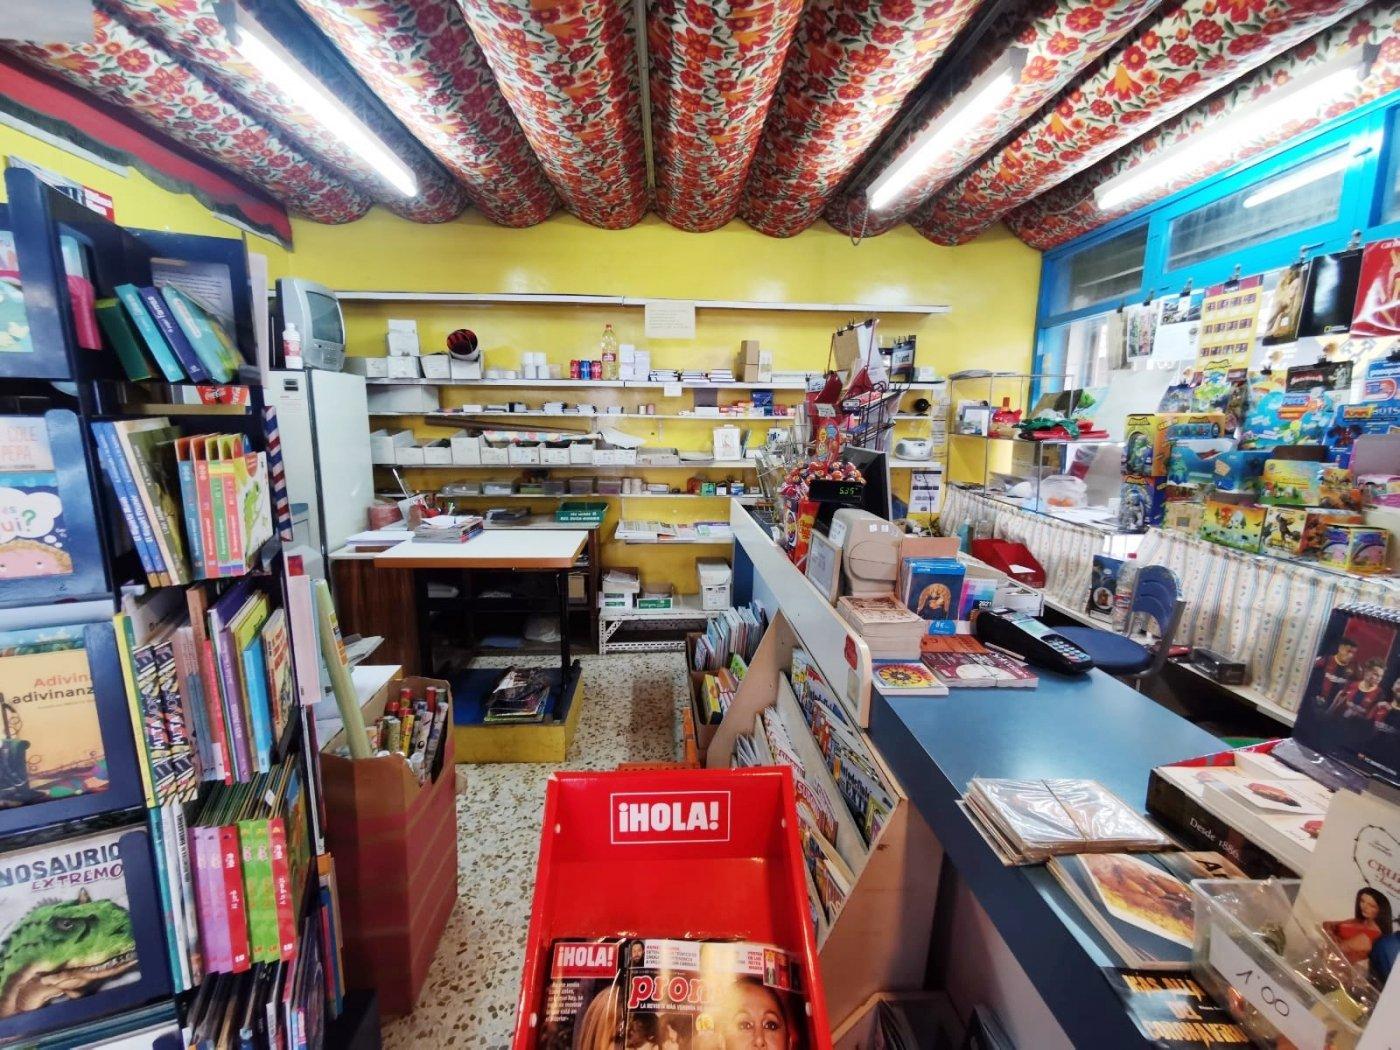 Se vente local comercial en bons aires(cerca de la calle blanquerna y generar riera ) - imagenInmueble3